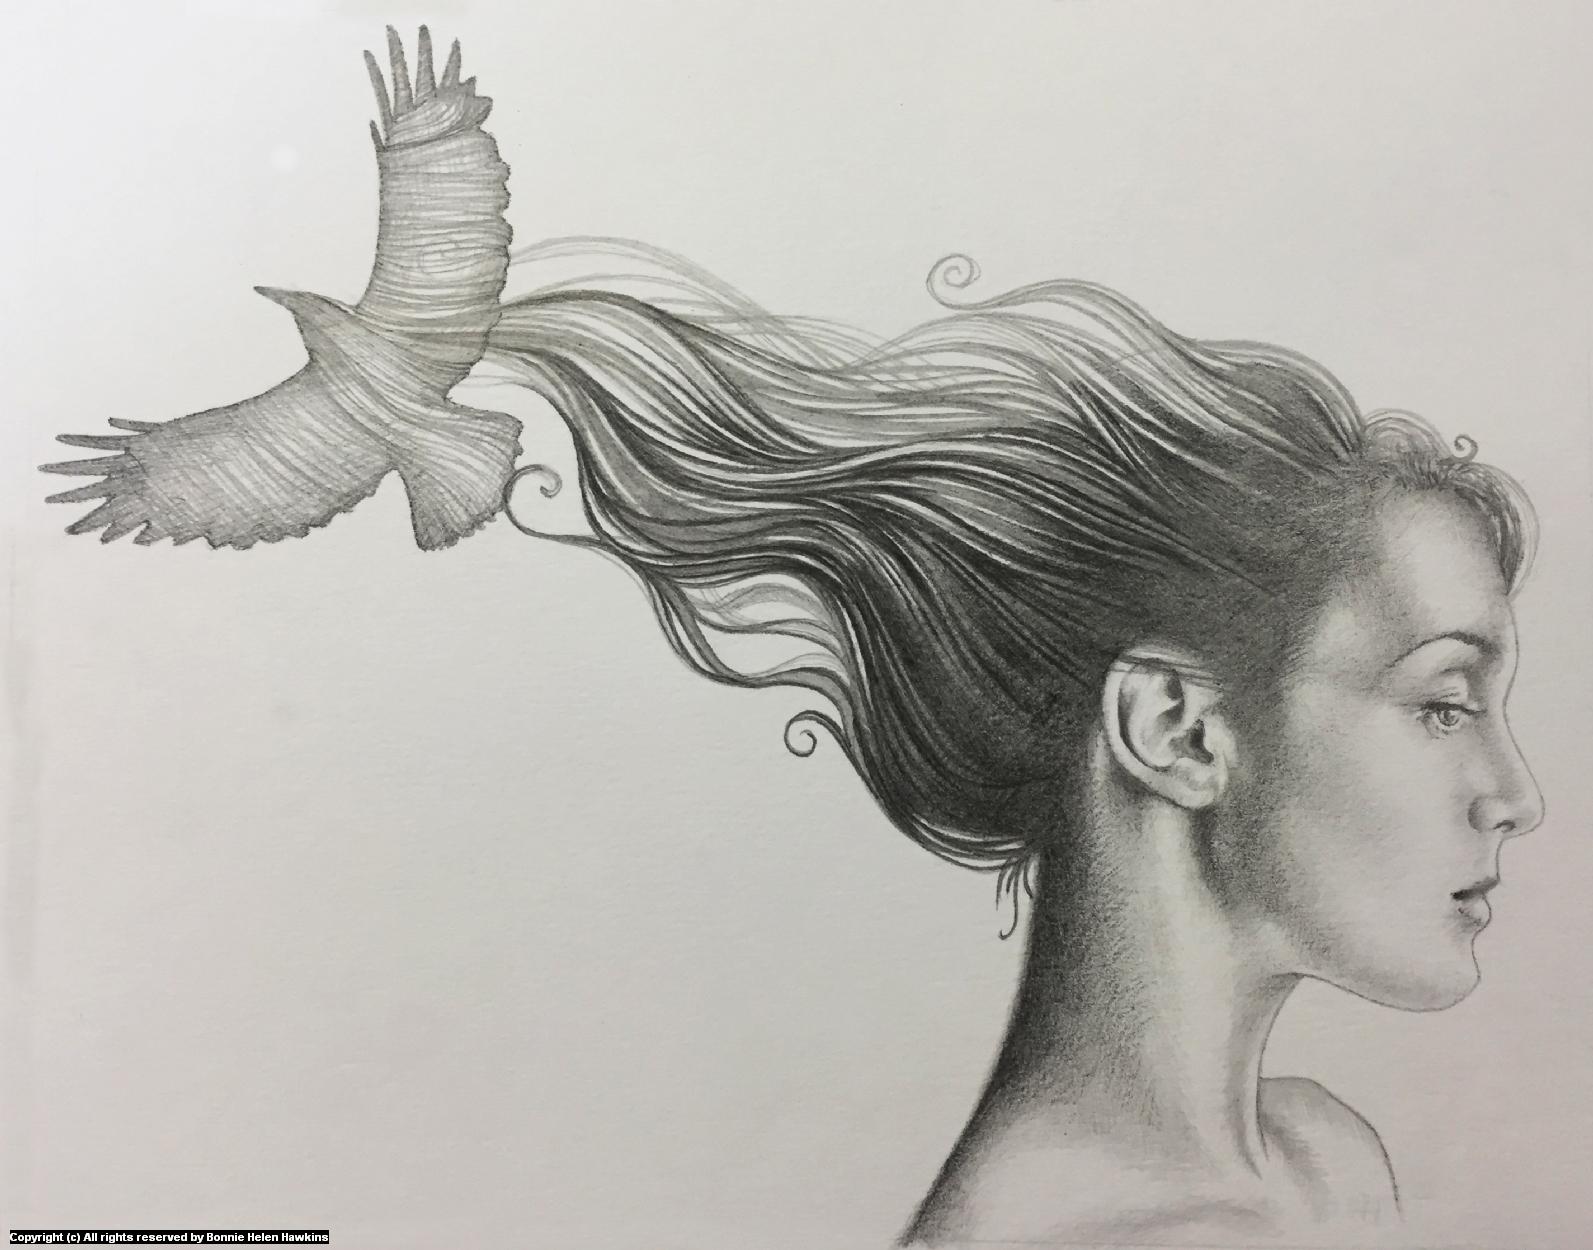 Week 29 Artwork by Bonnie Helen Hawkins